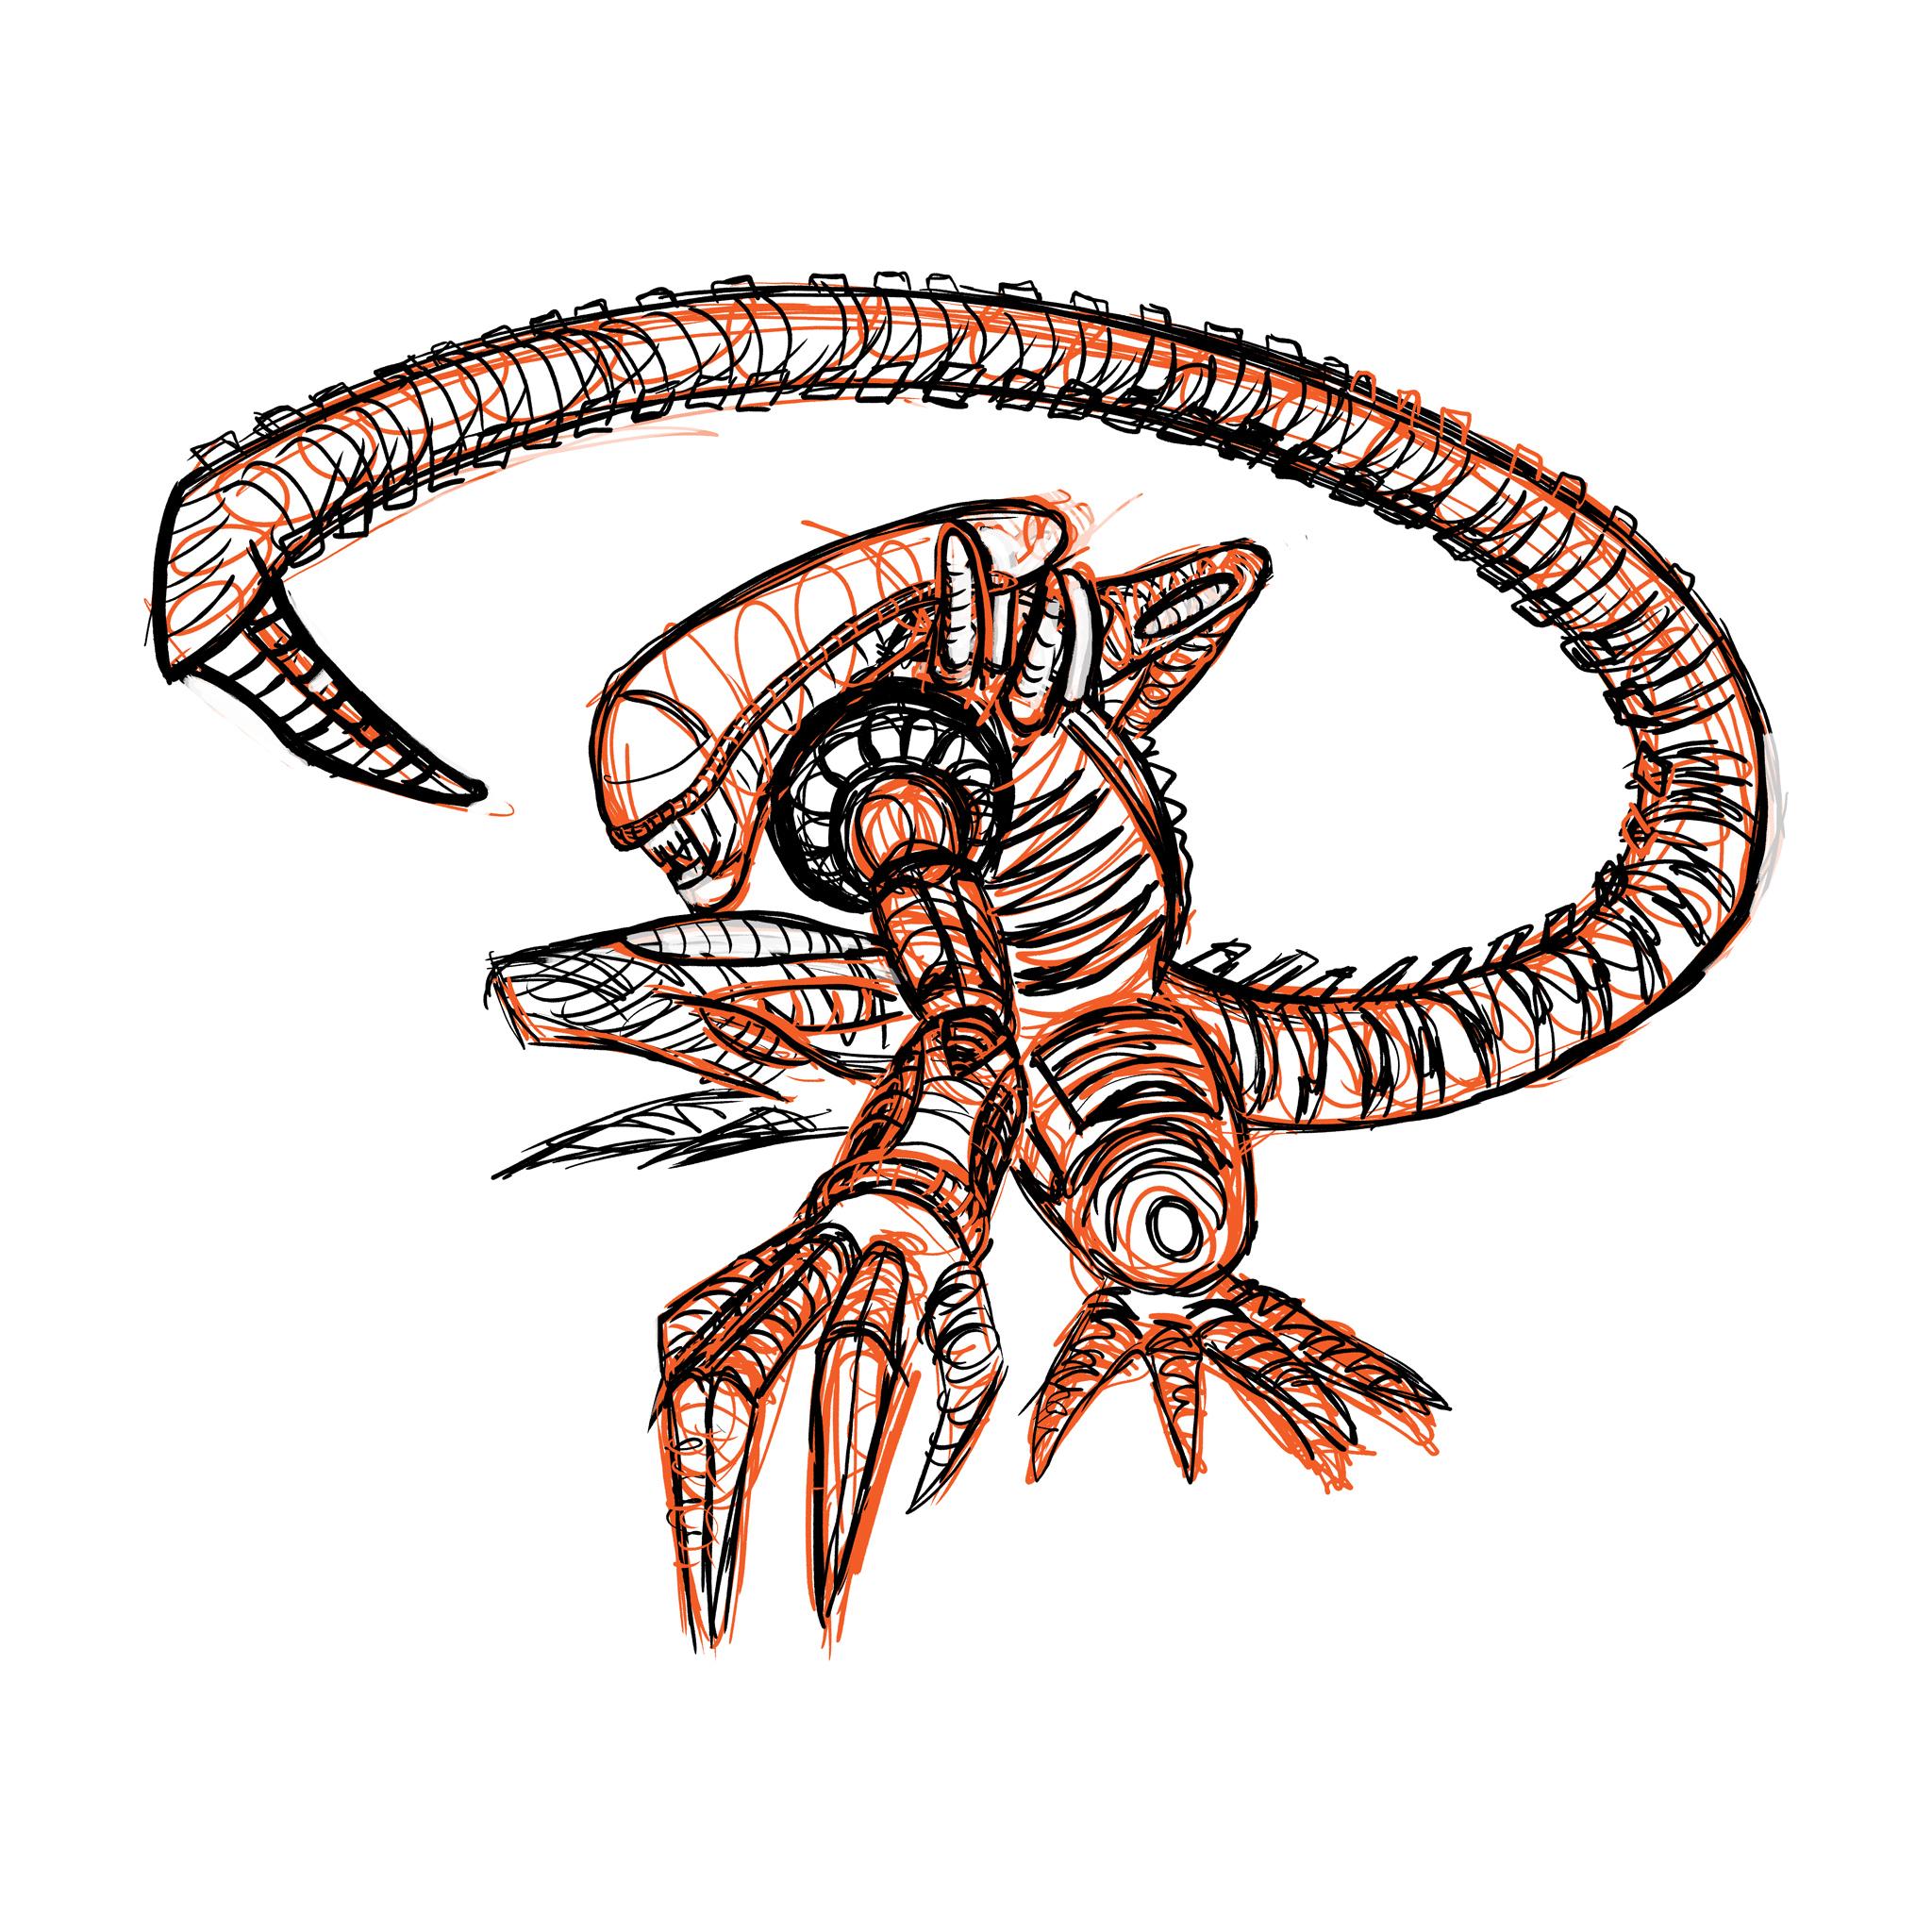 alien-fanart-01-SKETCH-20190412-01.jpg